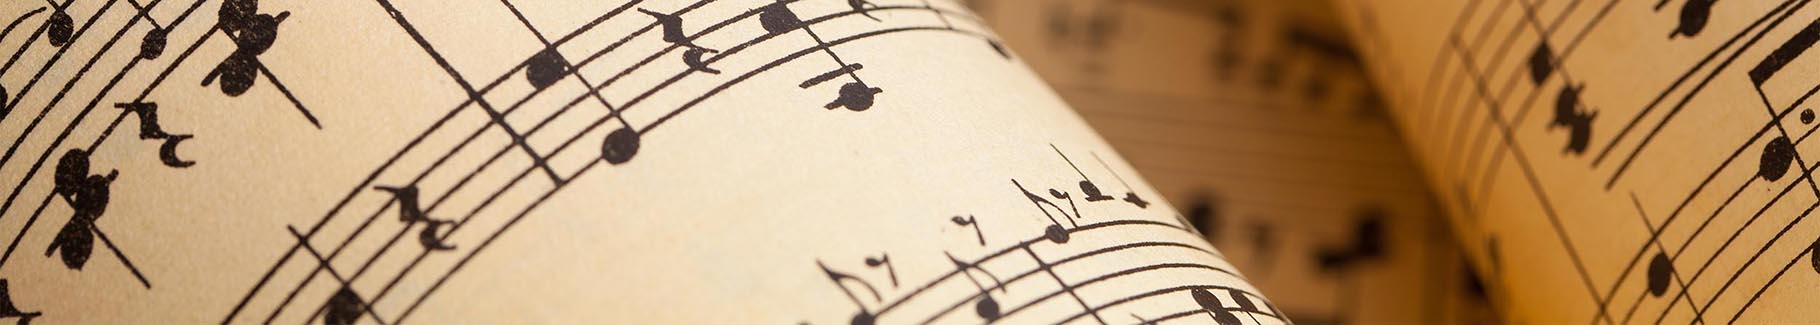 Obraz muzyka nuty na pięciolinii